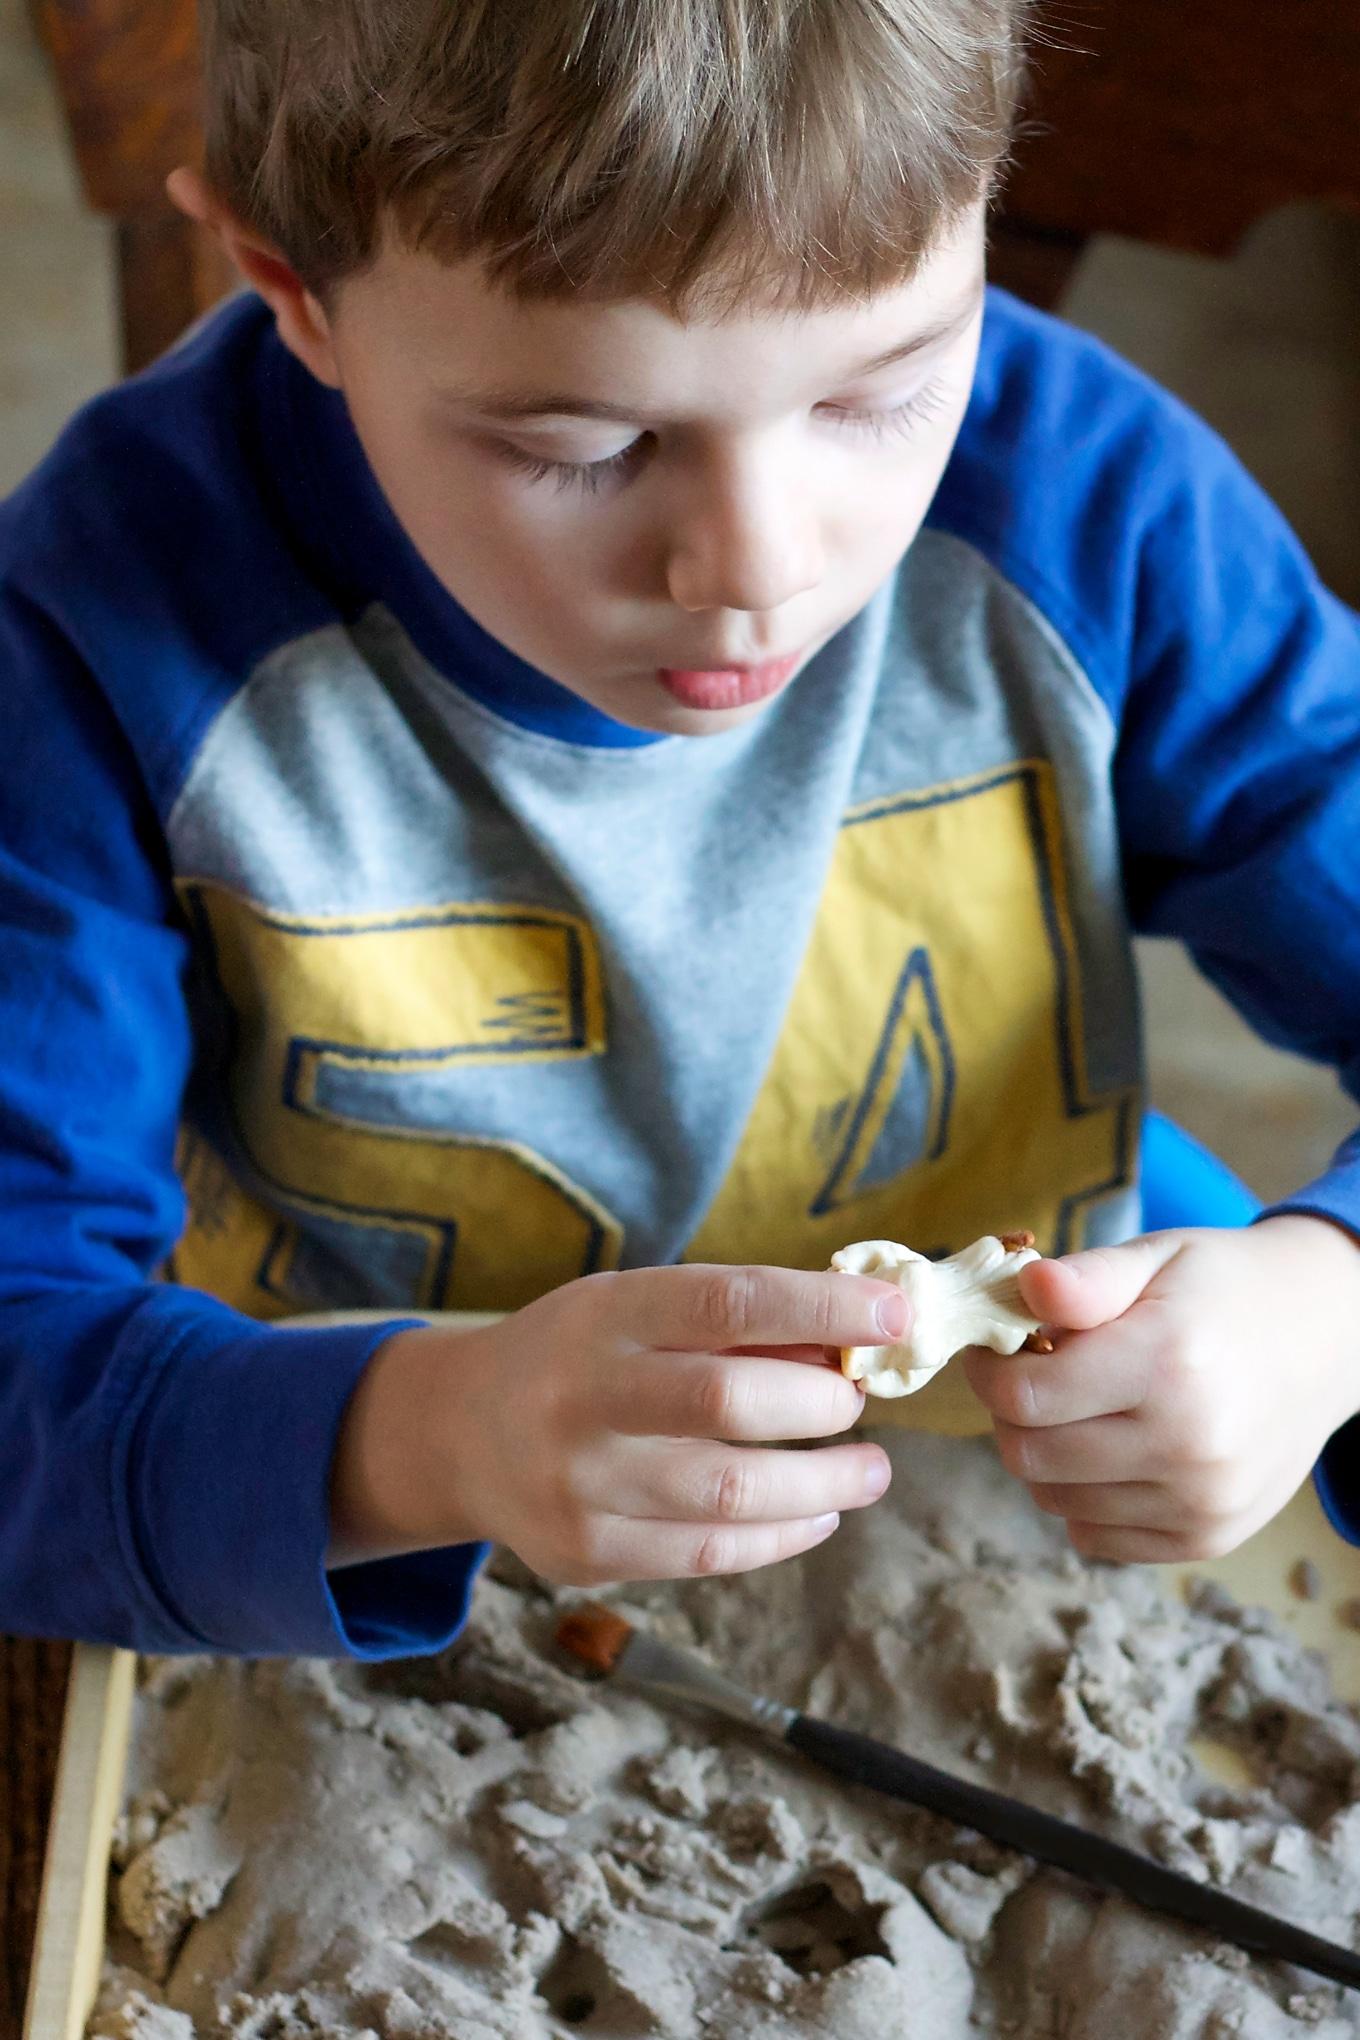 Preschooler Digging for Toy Dinosaur Skeletons